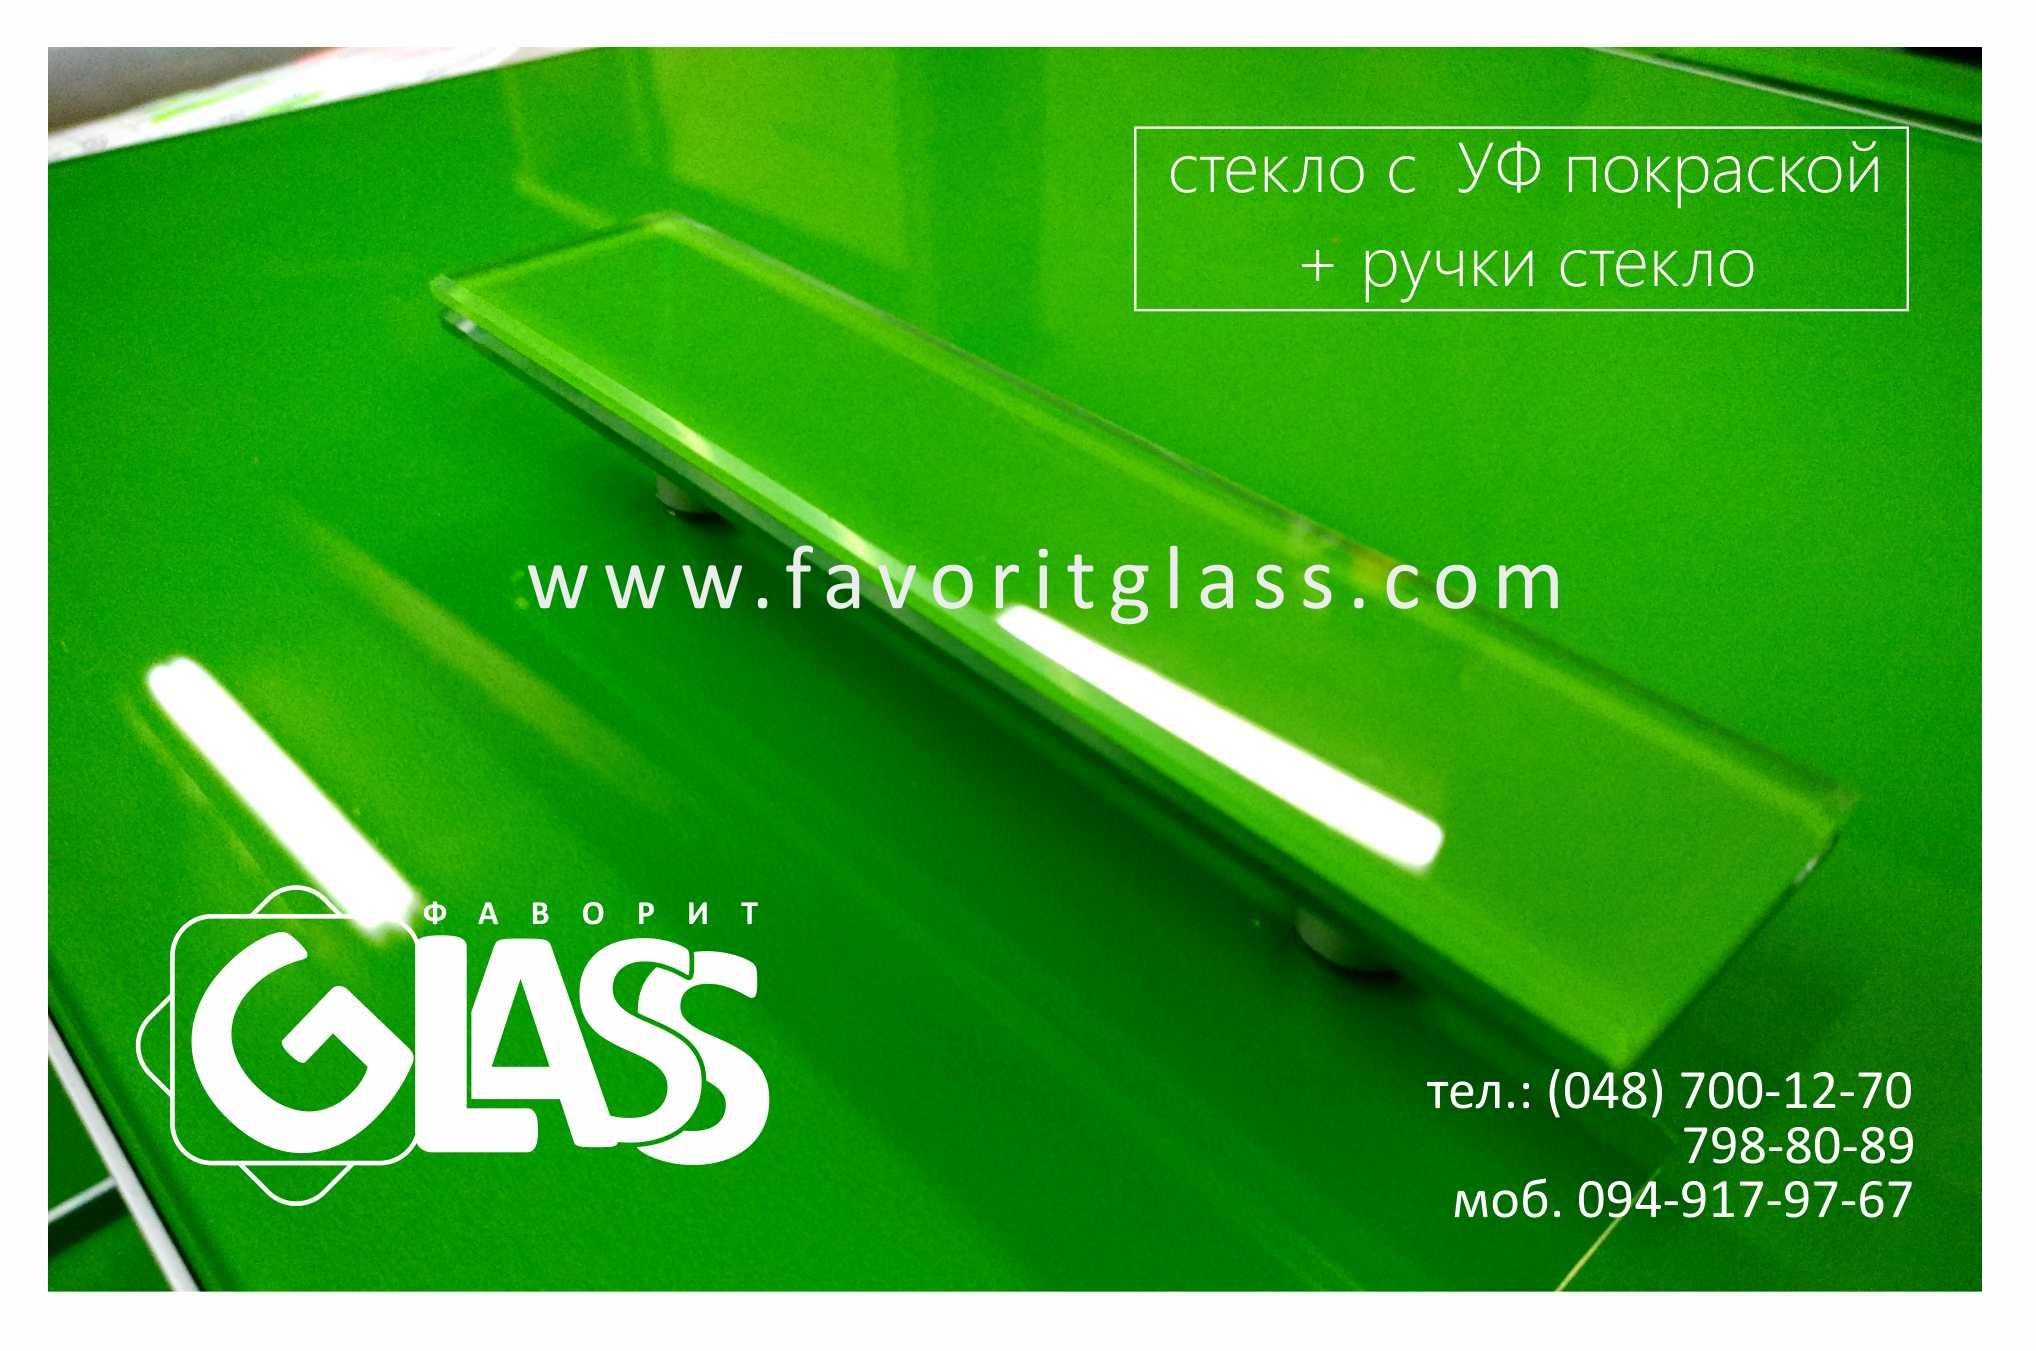 УФ покраска стекла + ручка из стекла 1.j